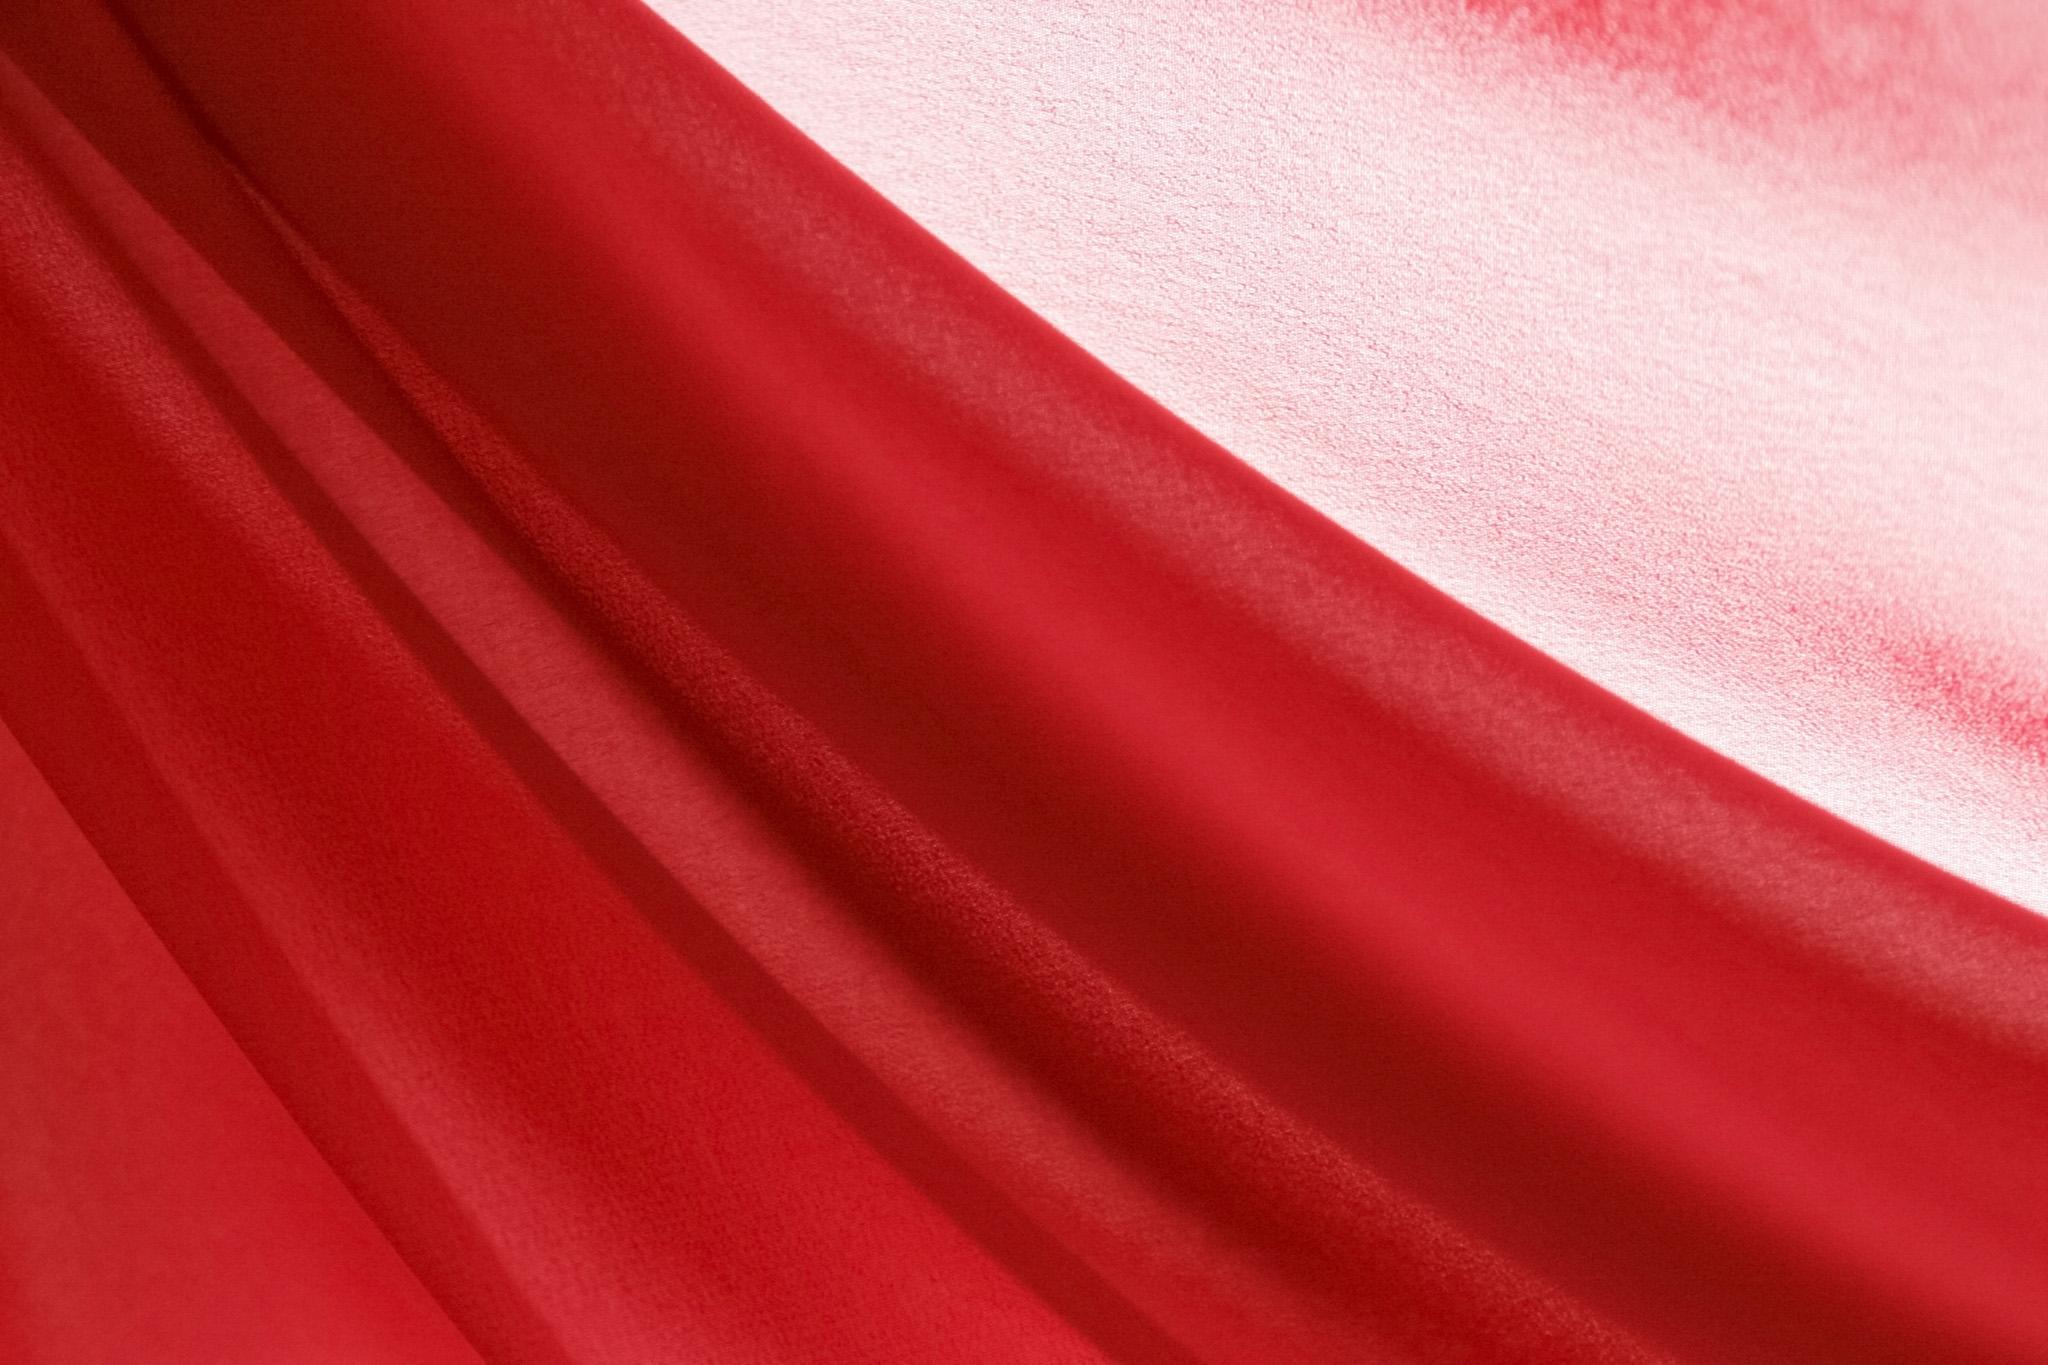 「優雅な赤い布のドレープ」